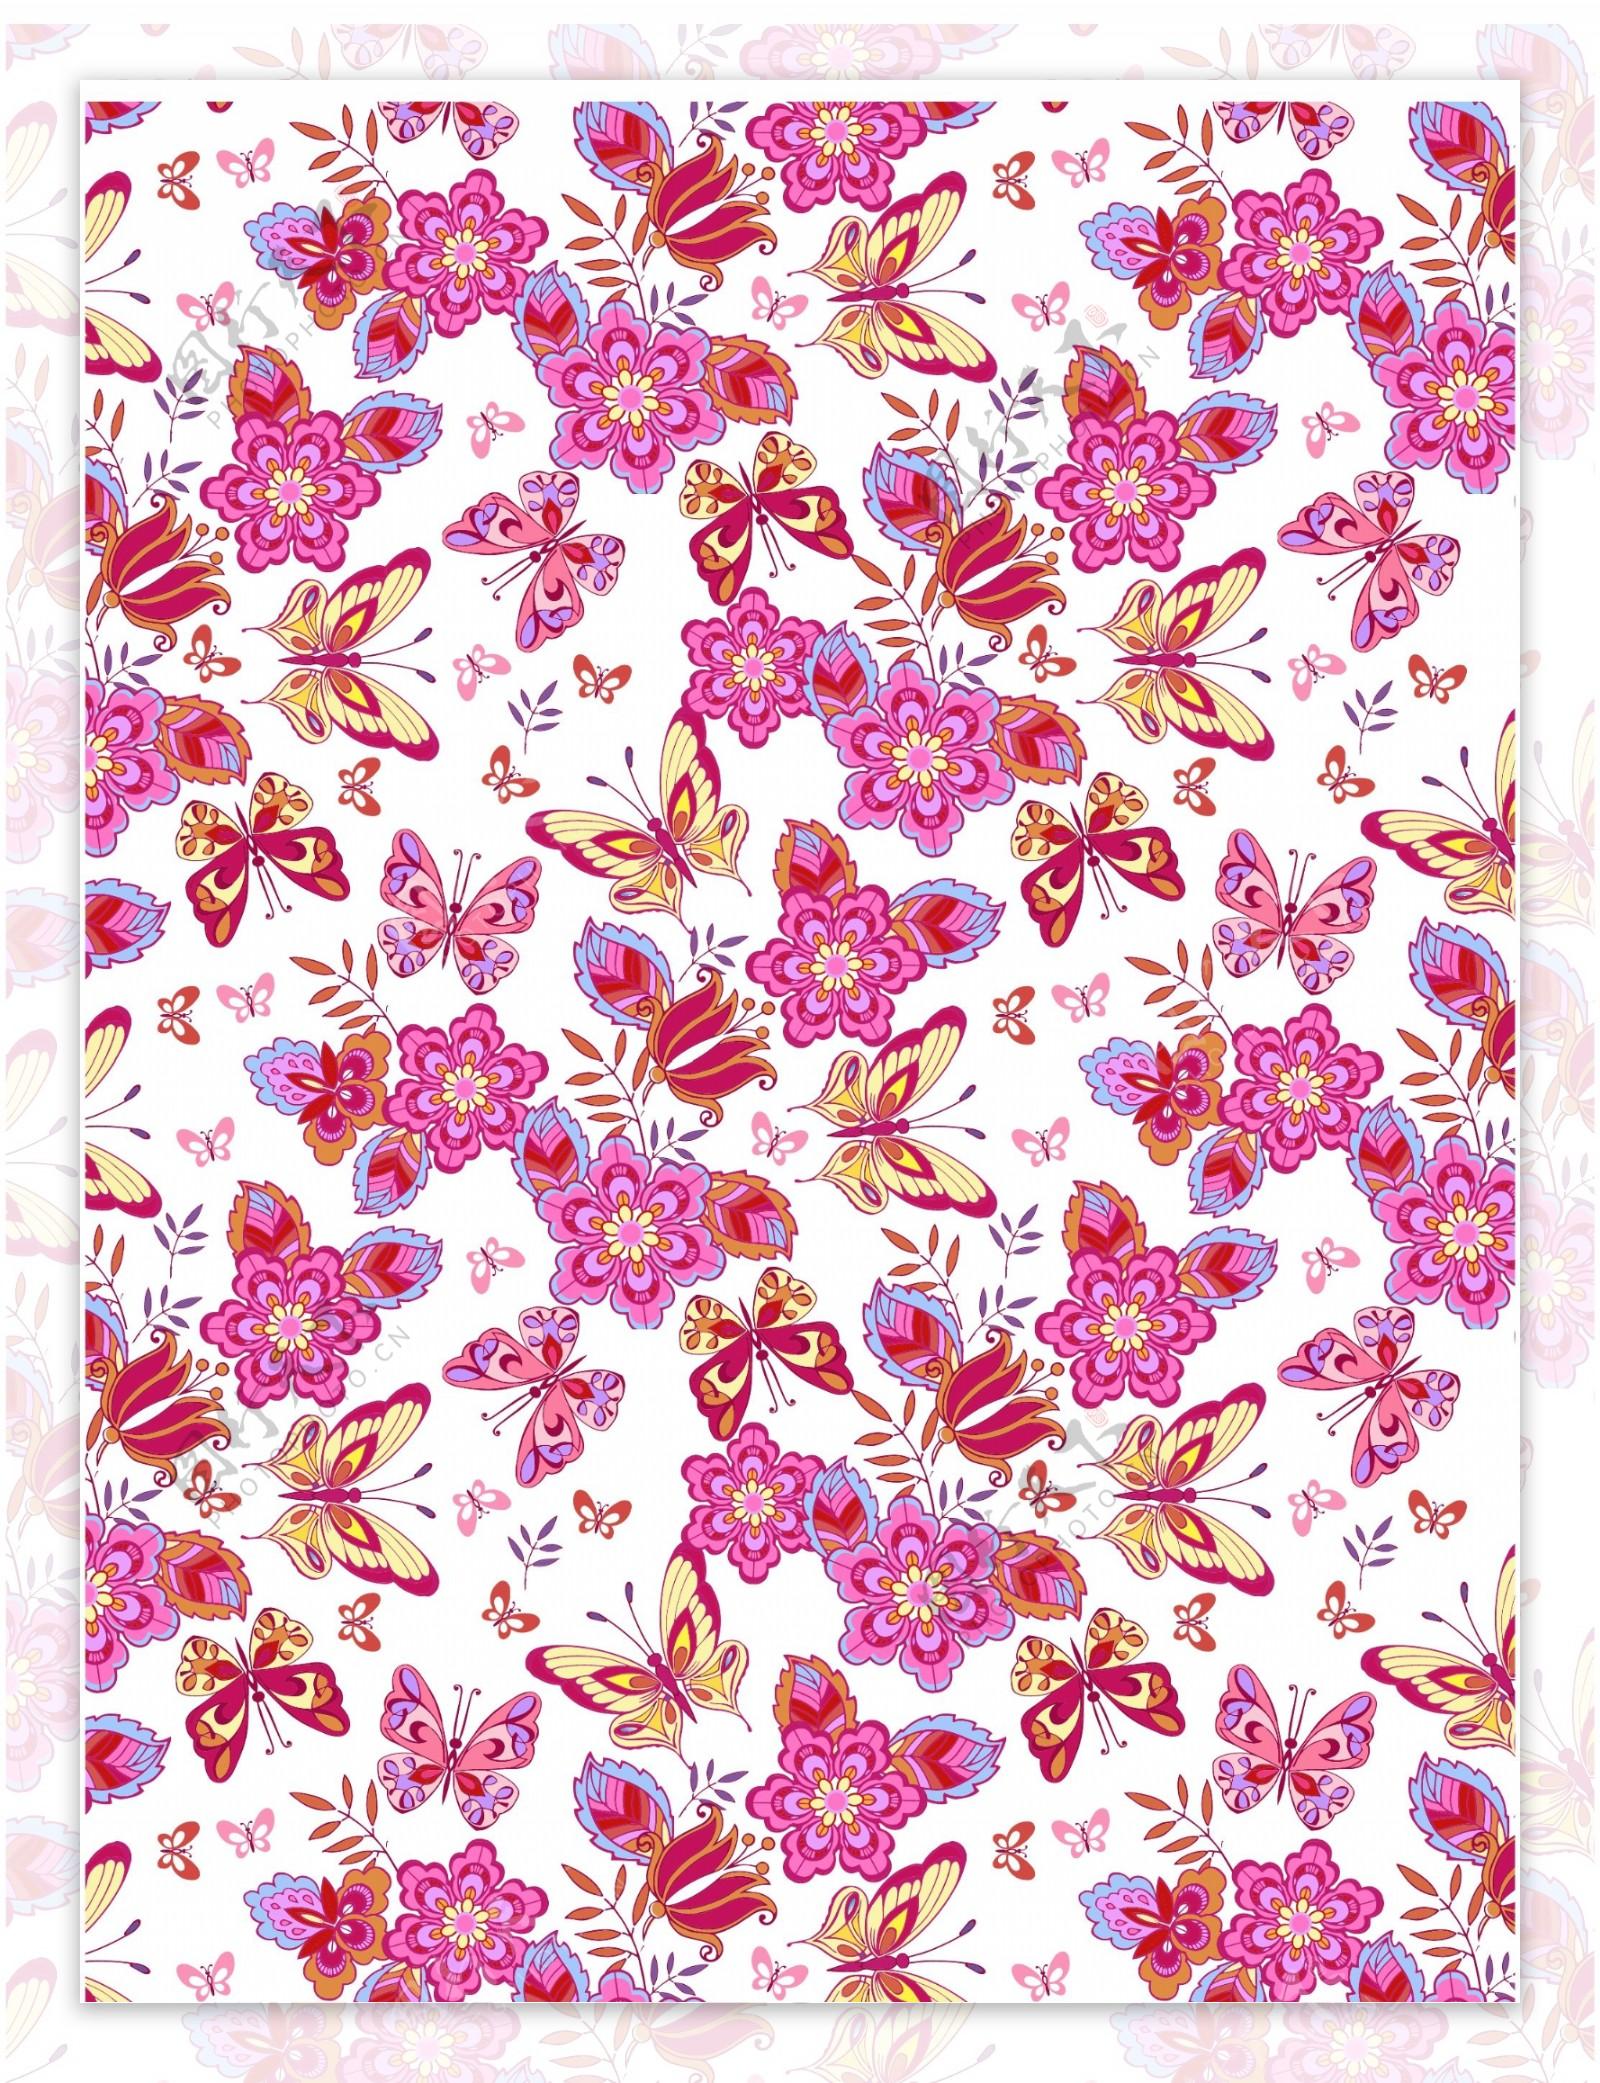 蝴蝶梅红花朵蝴蝶剪纸